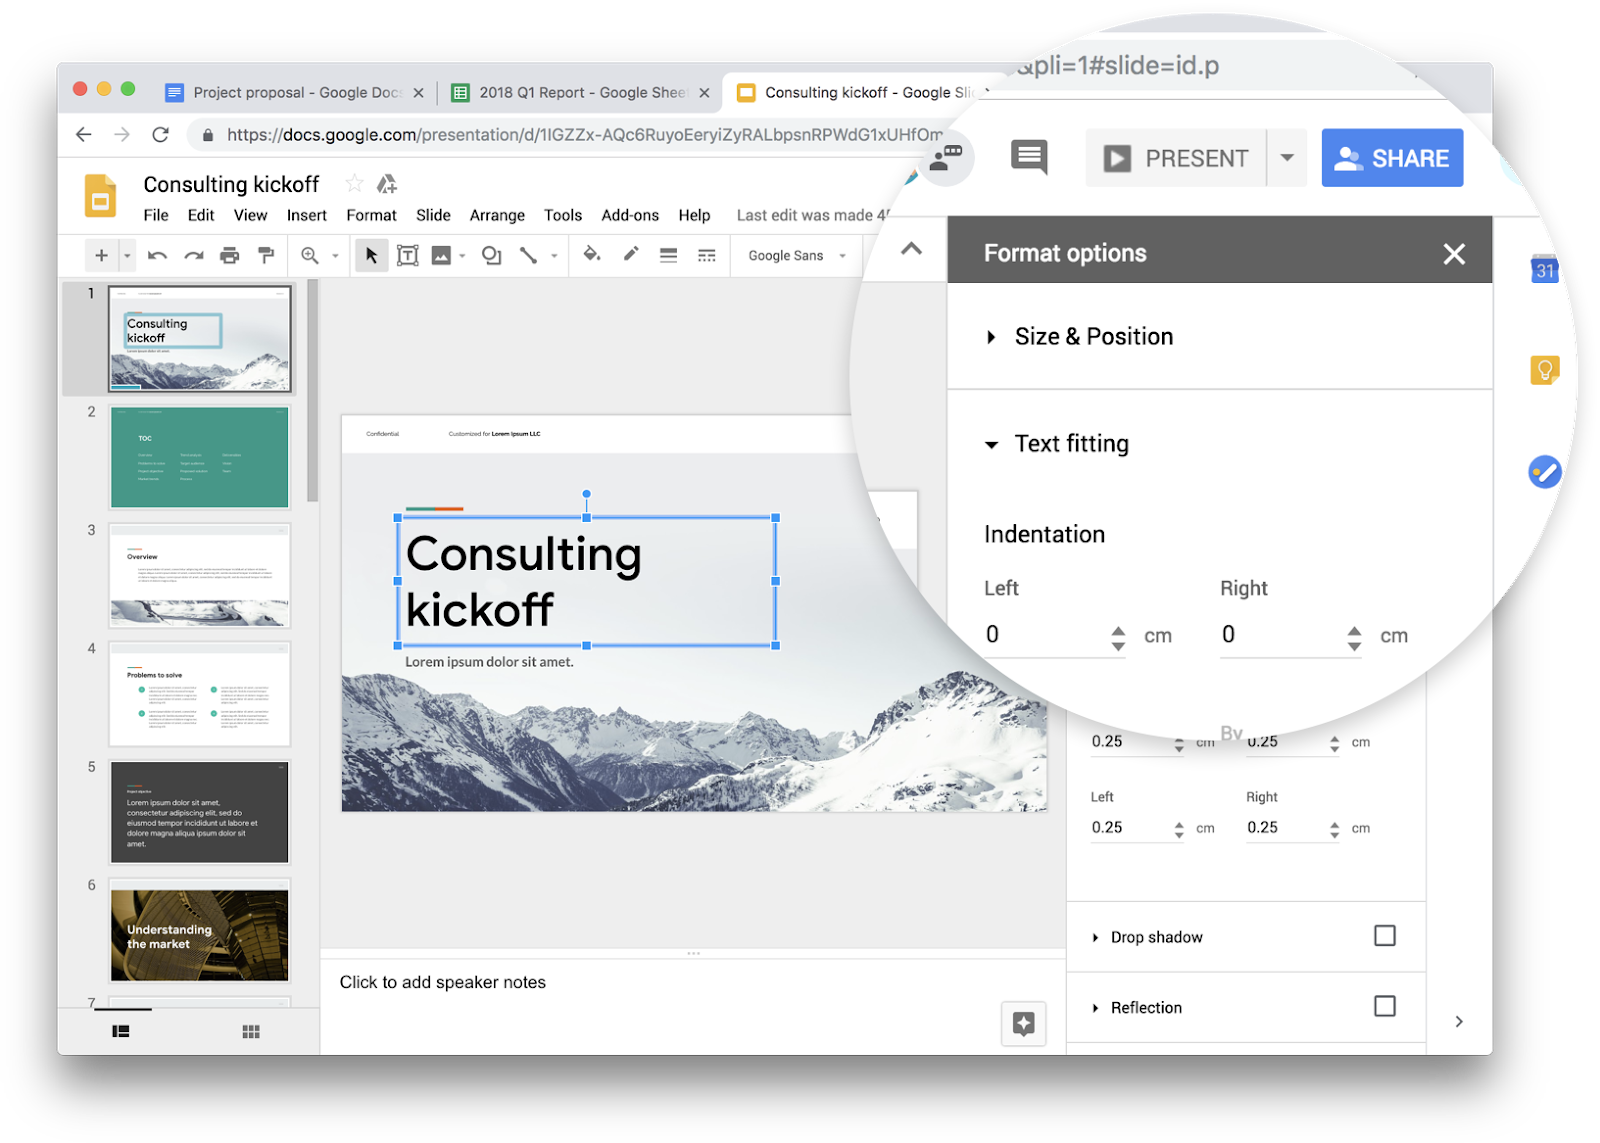 G Suite Updates Blog: Material Design for Google Docs, Sheets